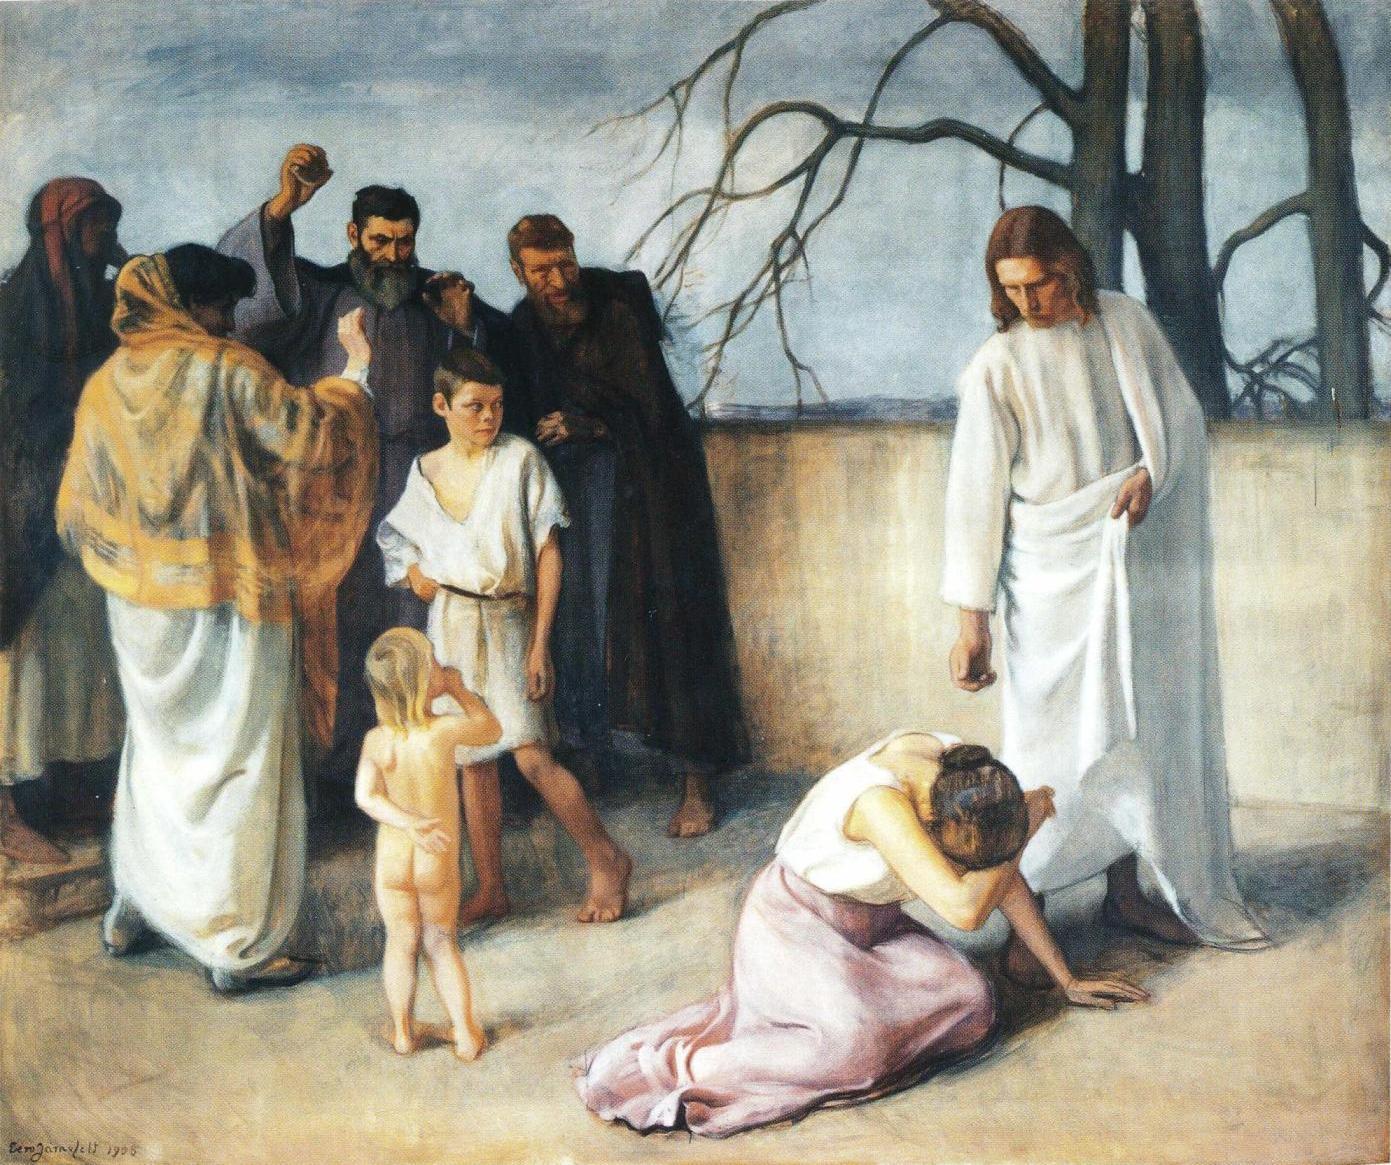 Грех рукоблудия в православии, молитва от осквернения рукоблудием, как исповедовать и искупить грех, святые отцы о рукоблудии